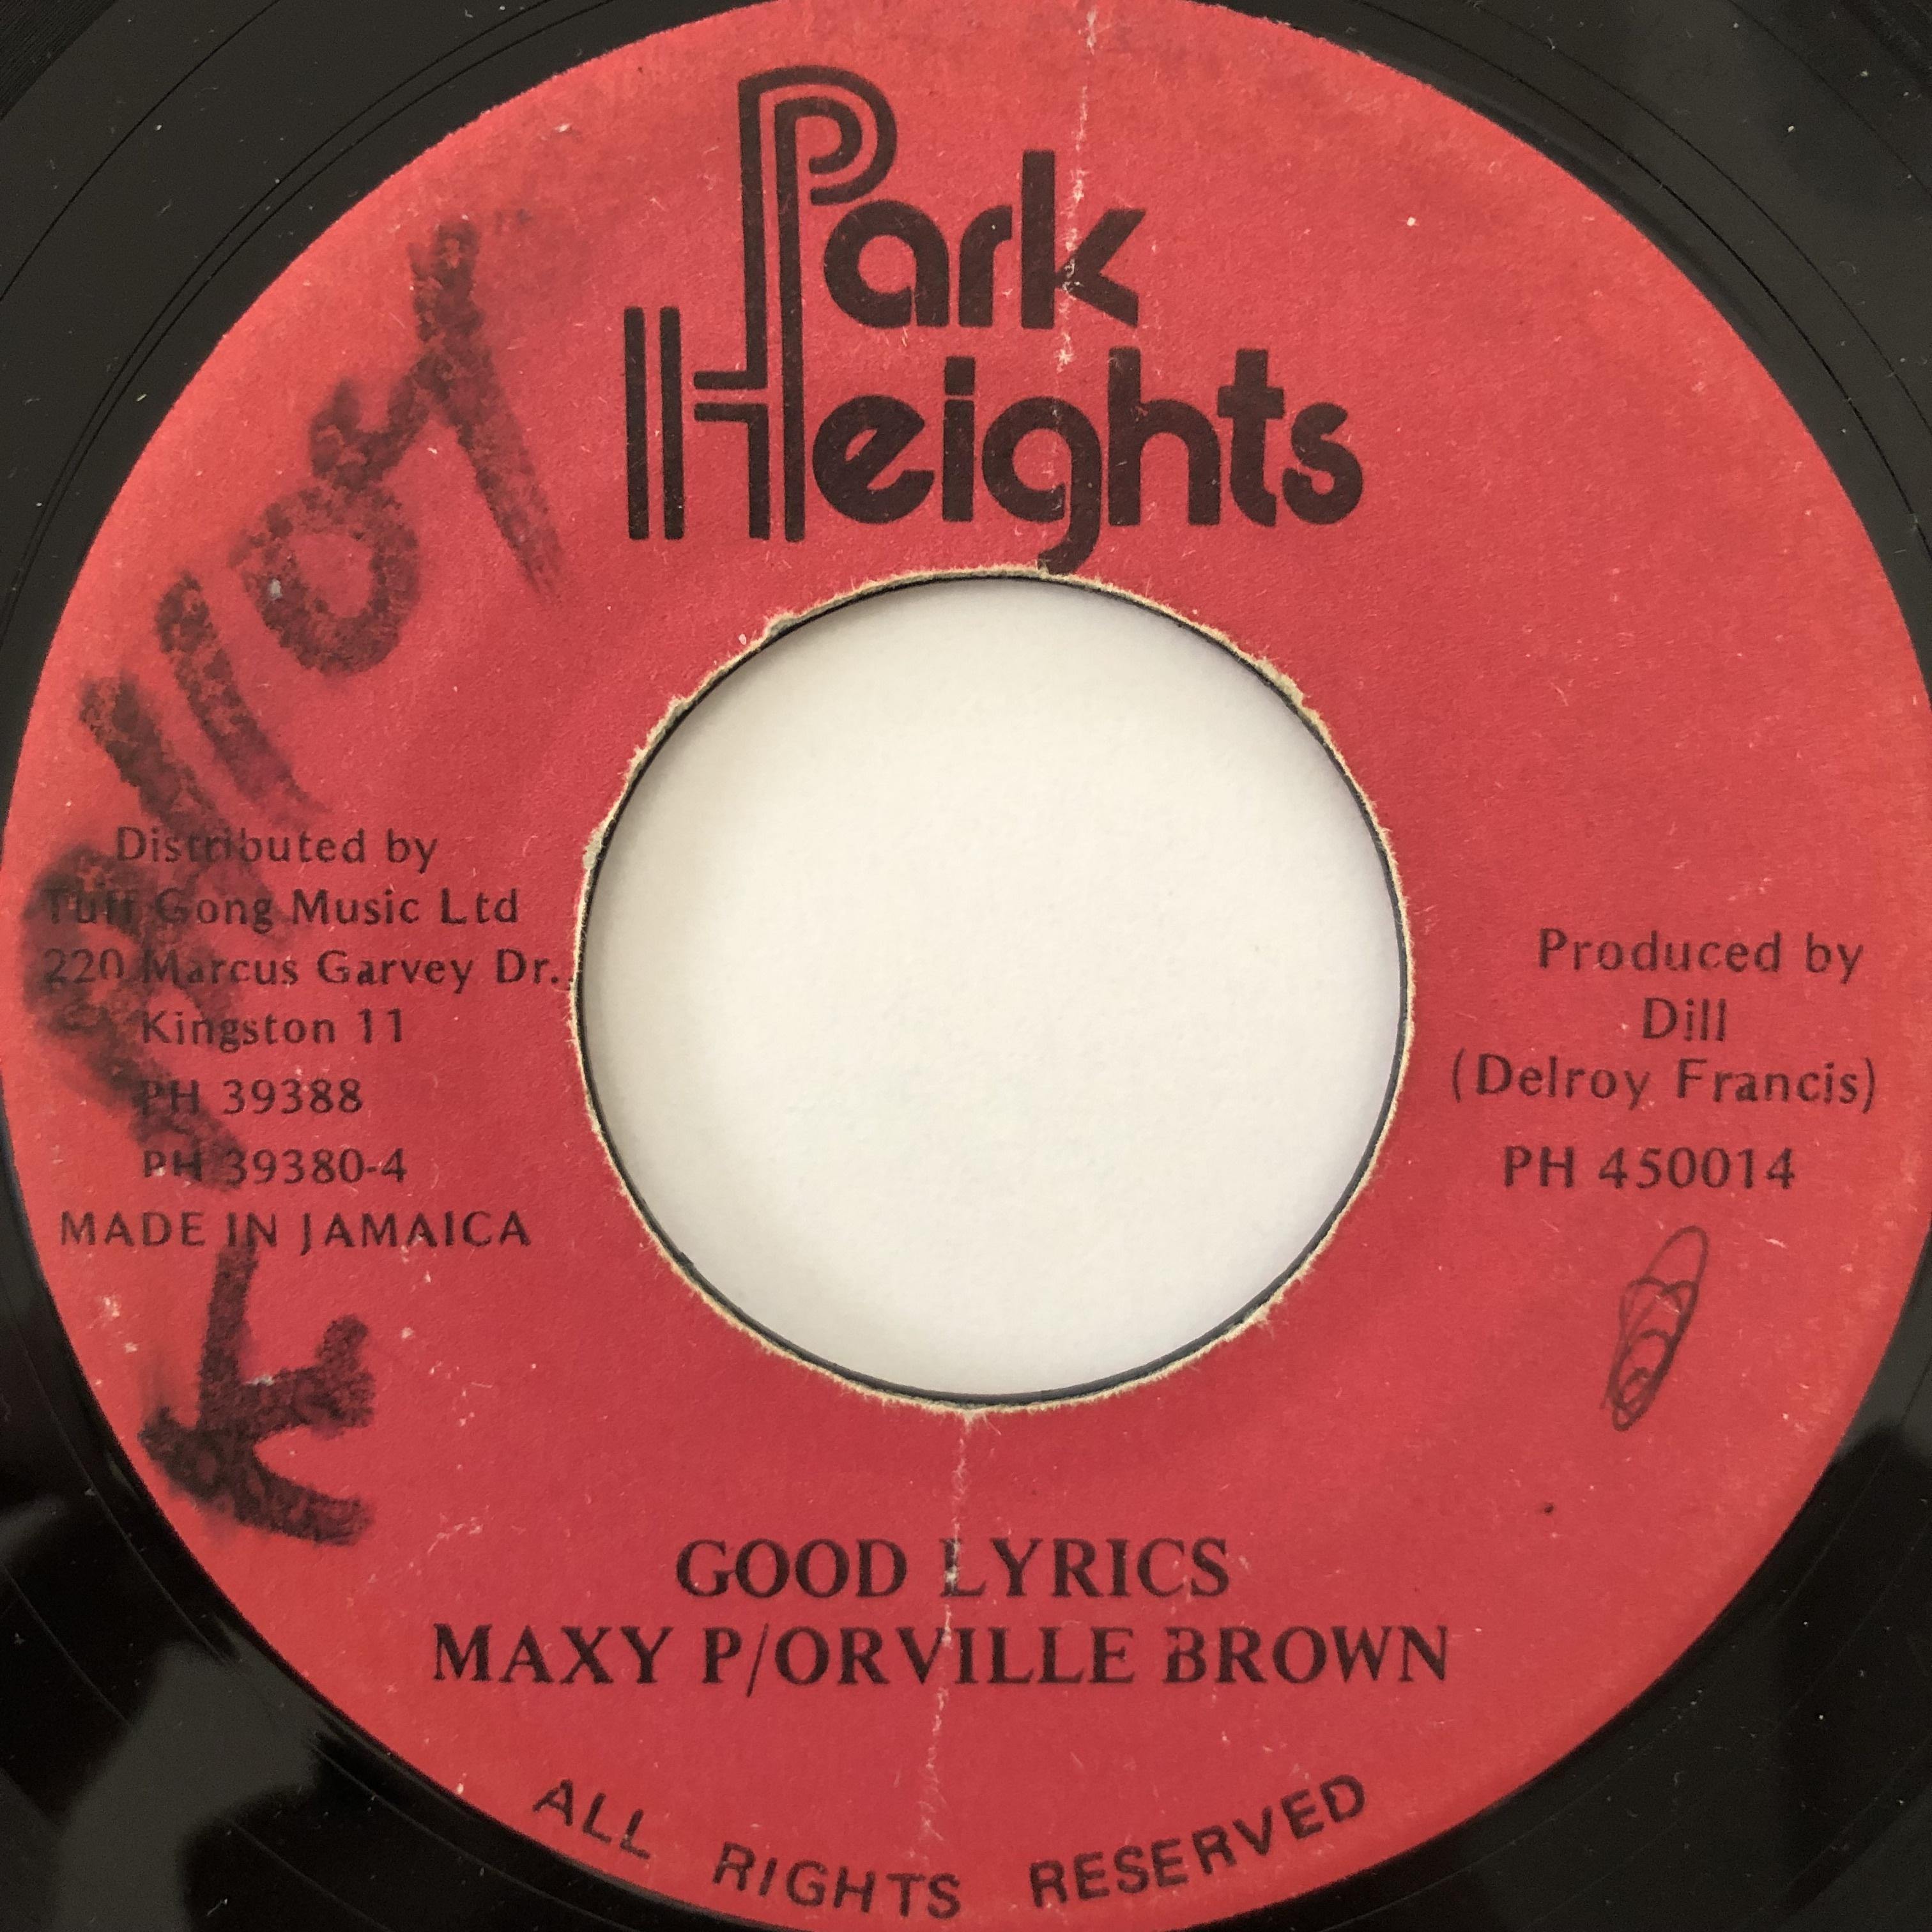 Maxy P, Orville Brown - Good lyrics【7-20062】